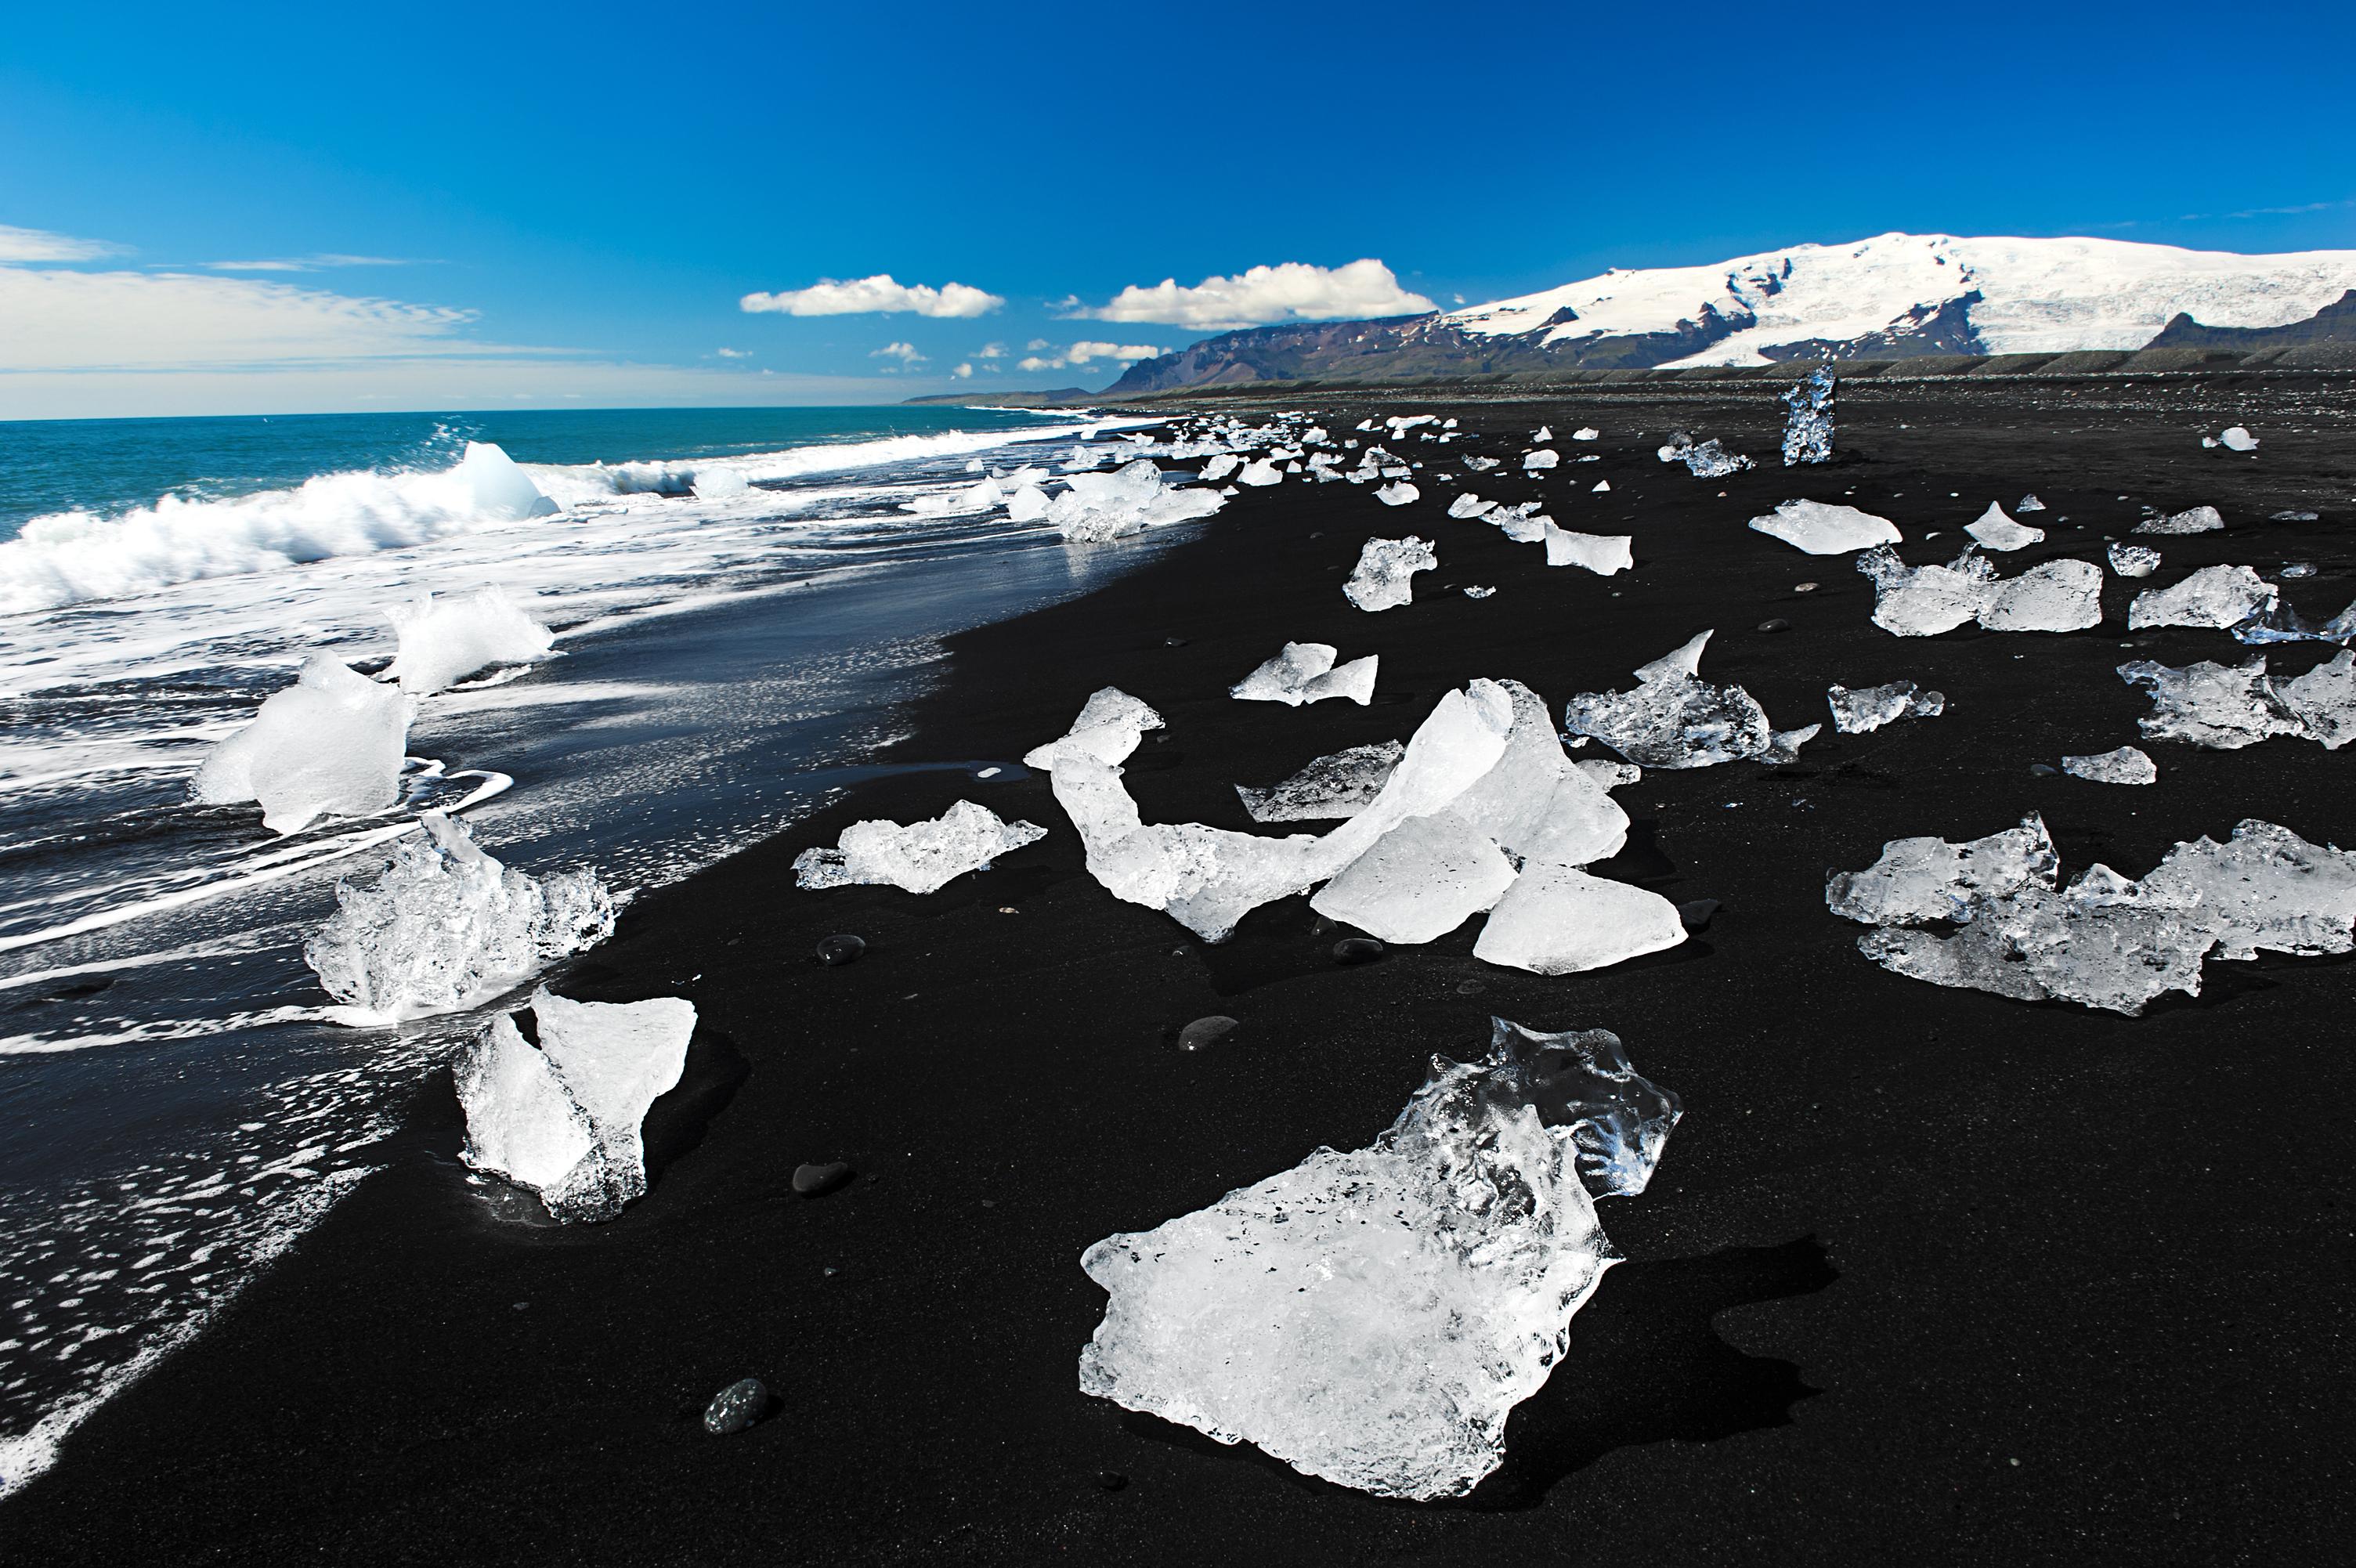 ダイヤモンドビーチの見学が予定される1泊2日の南海岸ツアー